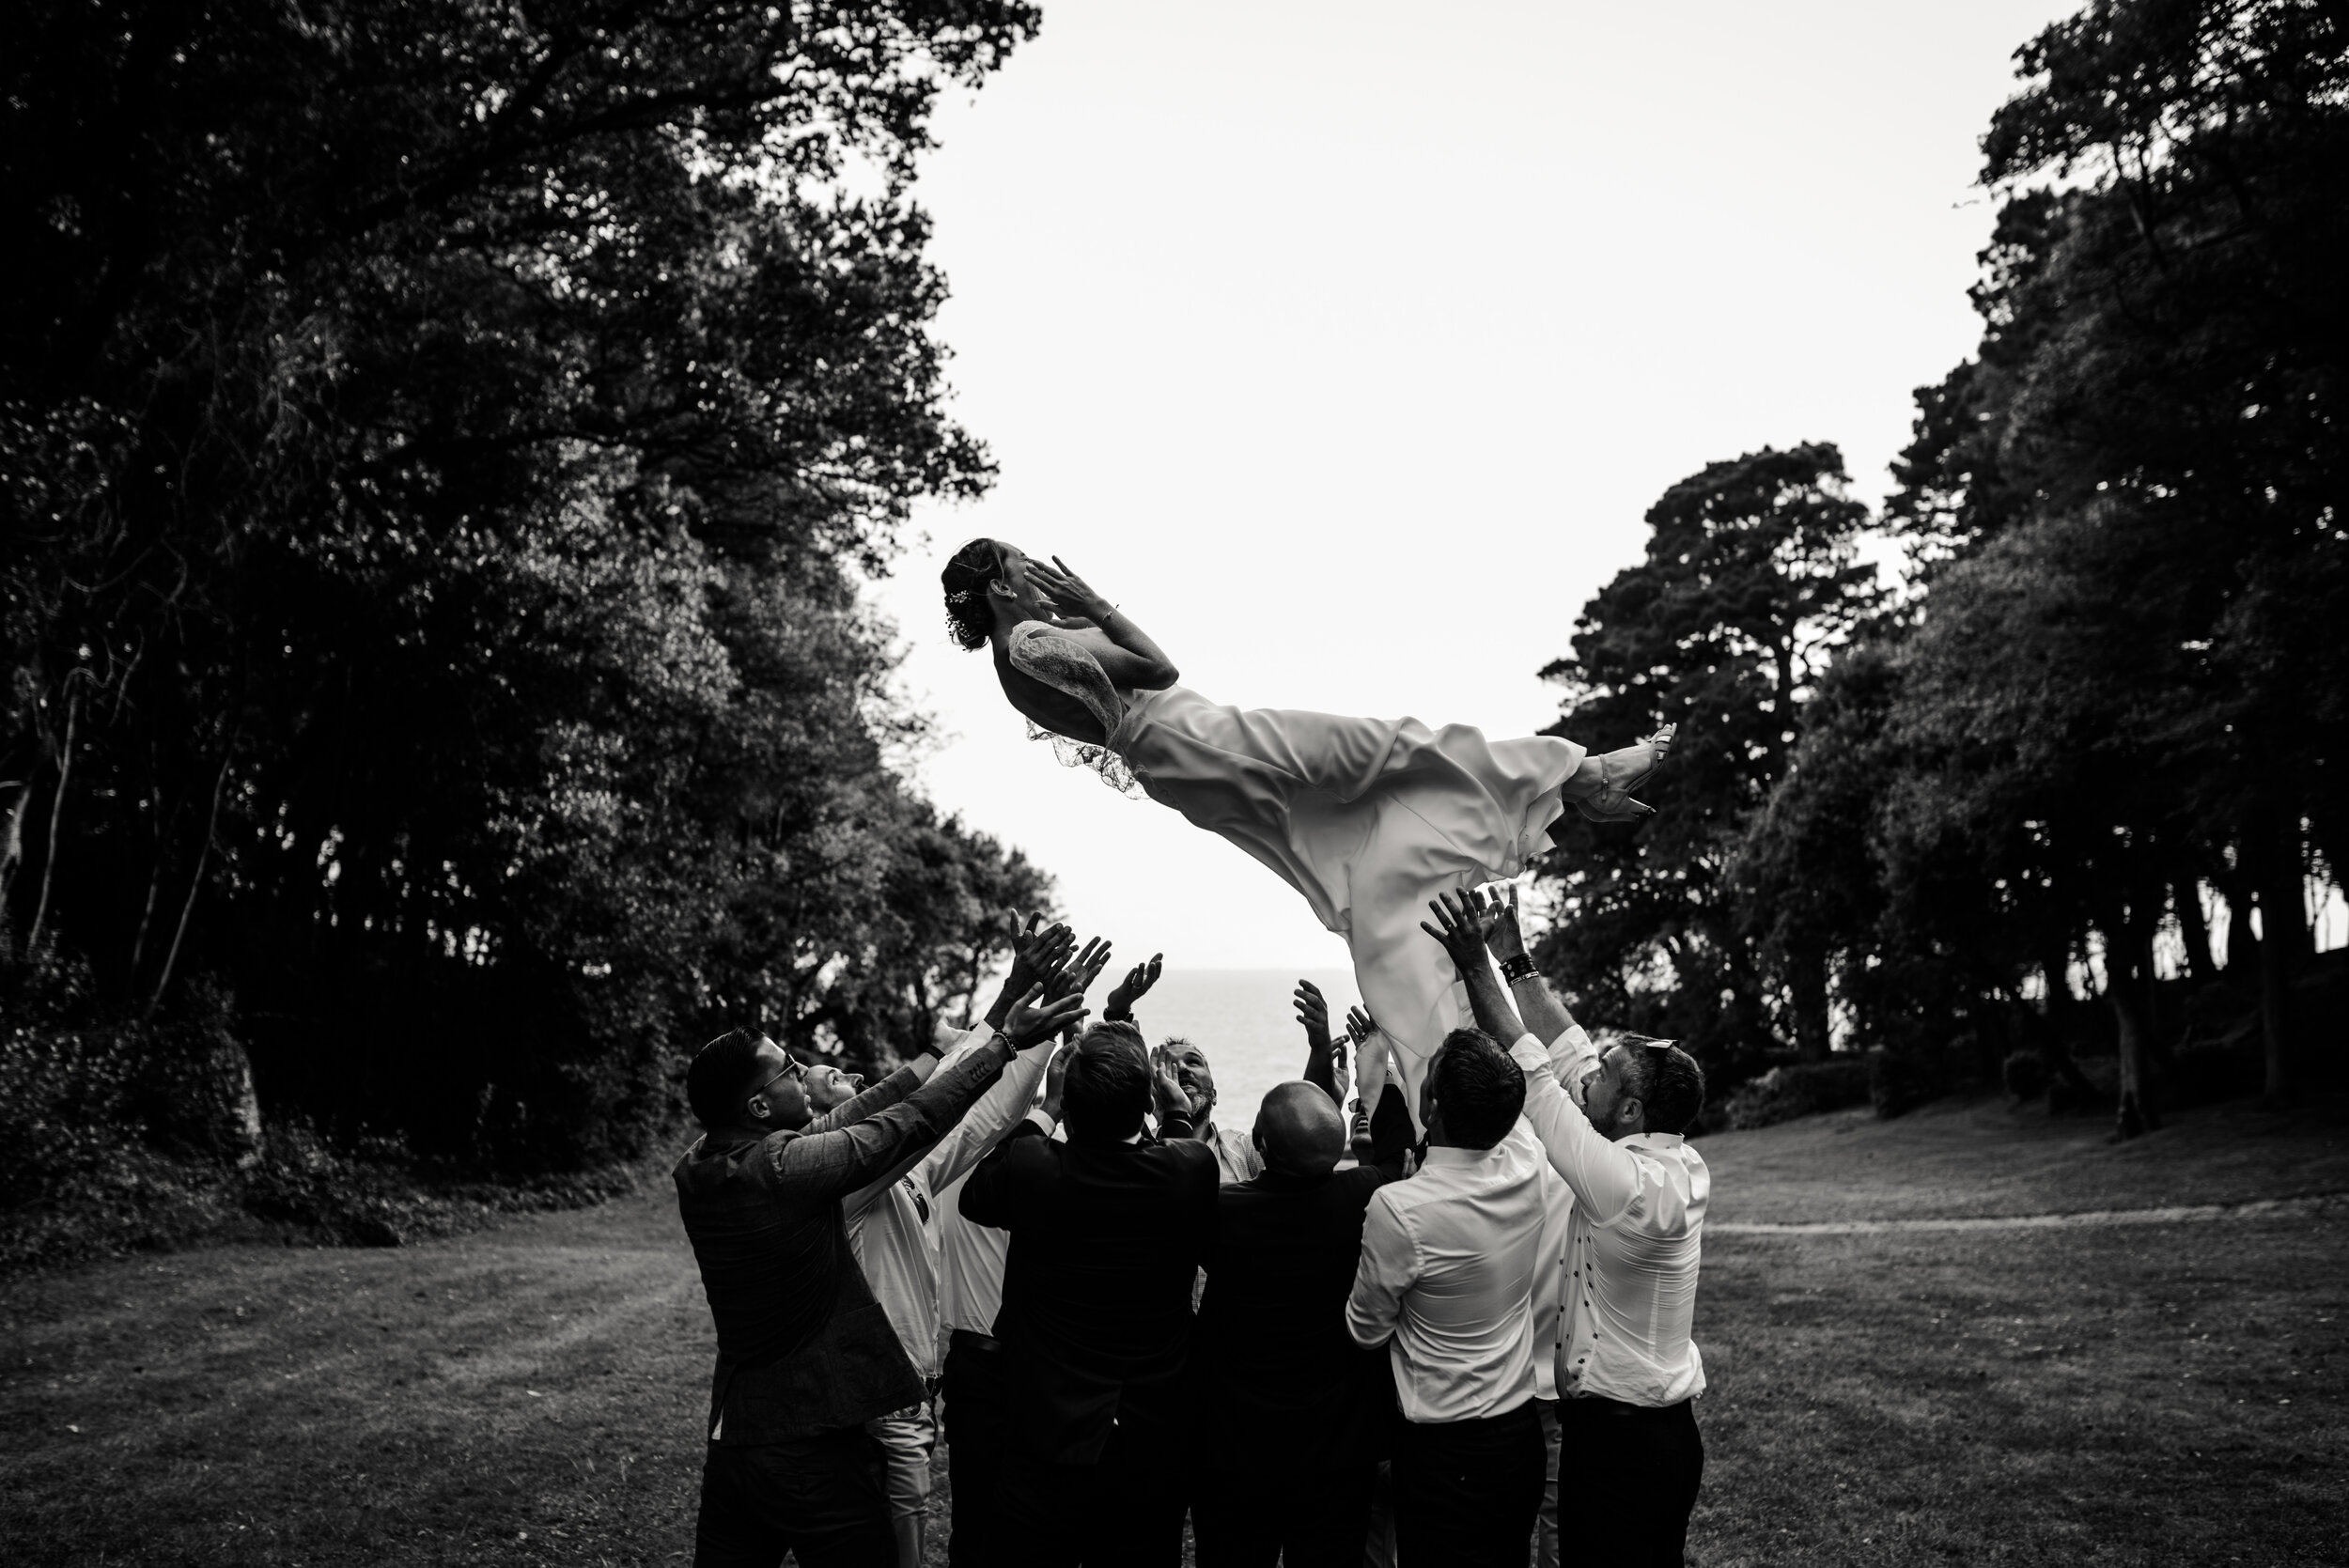 Léa-Fery-photographe-professionnel-Bretagne-portrait-creation-mariage-evenement-evenementiel-famille-7419.jpg